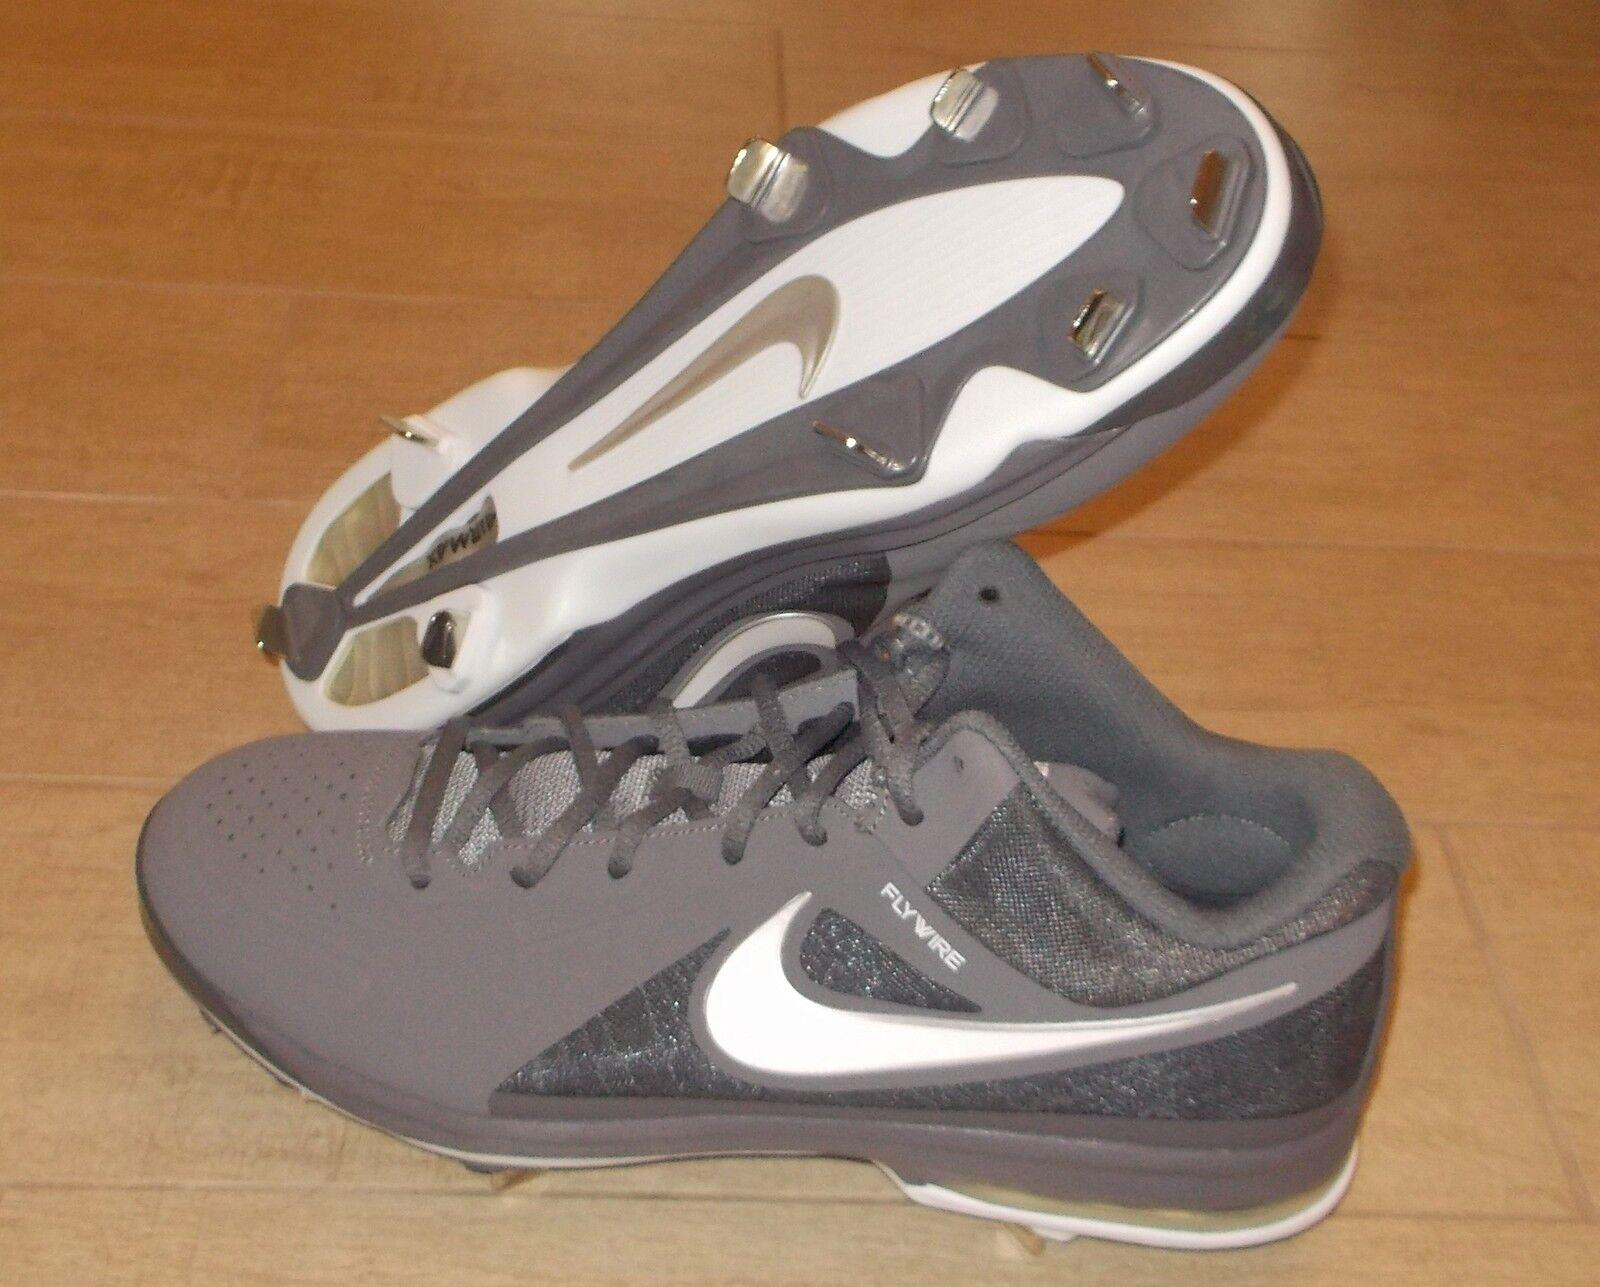 Nuove nike elite air max mvp elite nike 3 / 4 di metallo grigio scuro scarpe da baseball Uomo 12 120 4d75ba